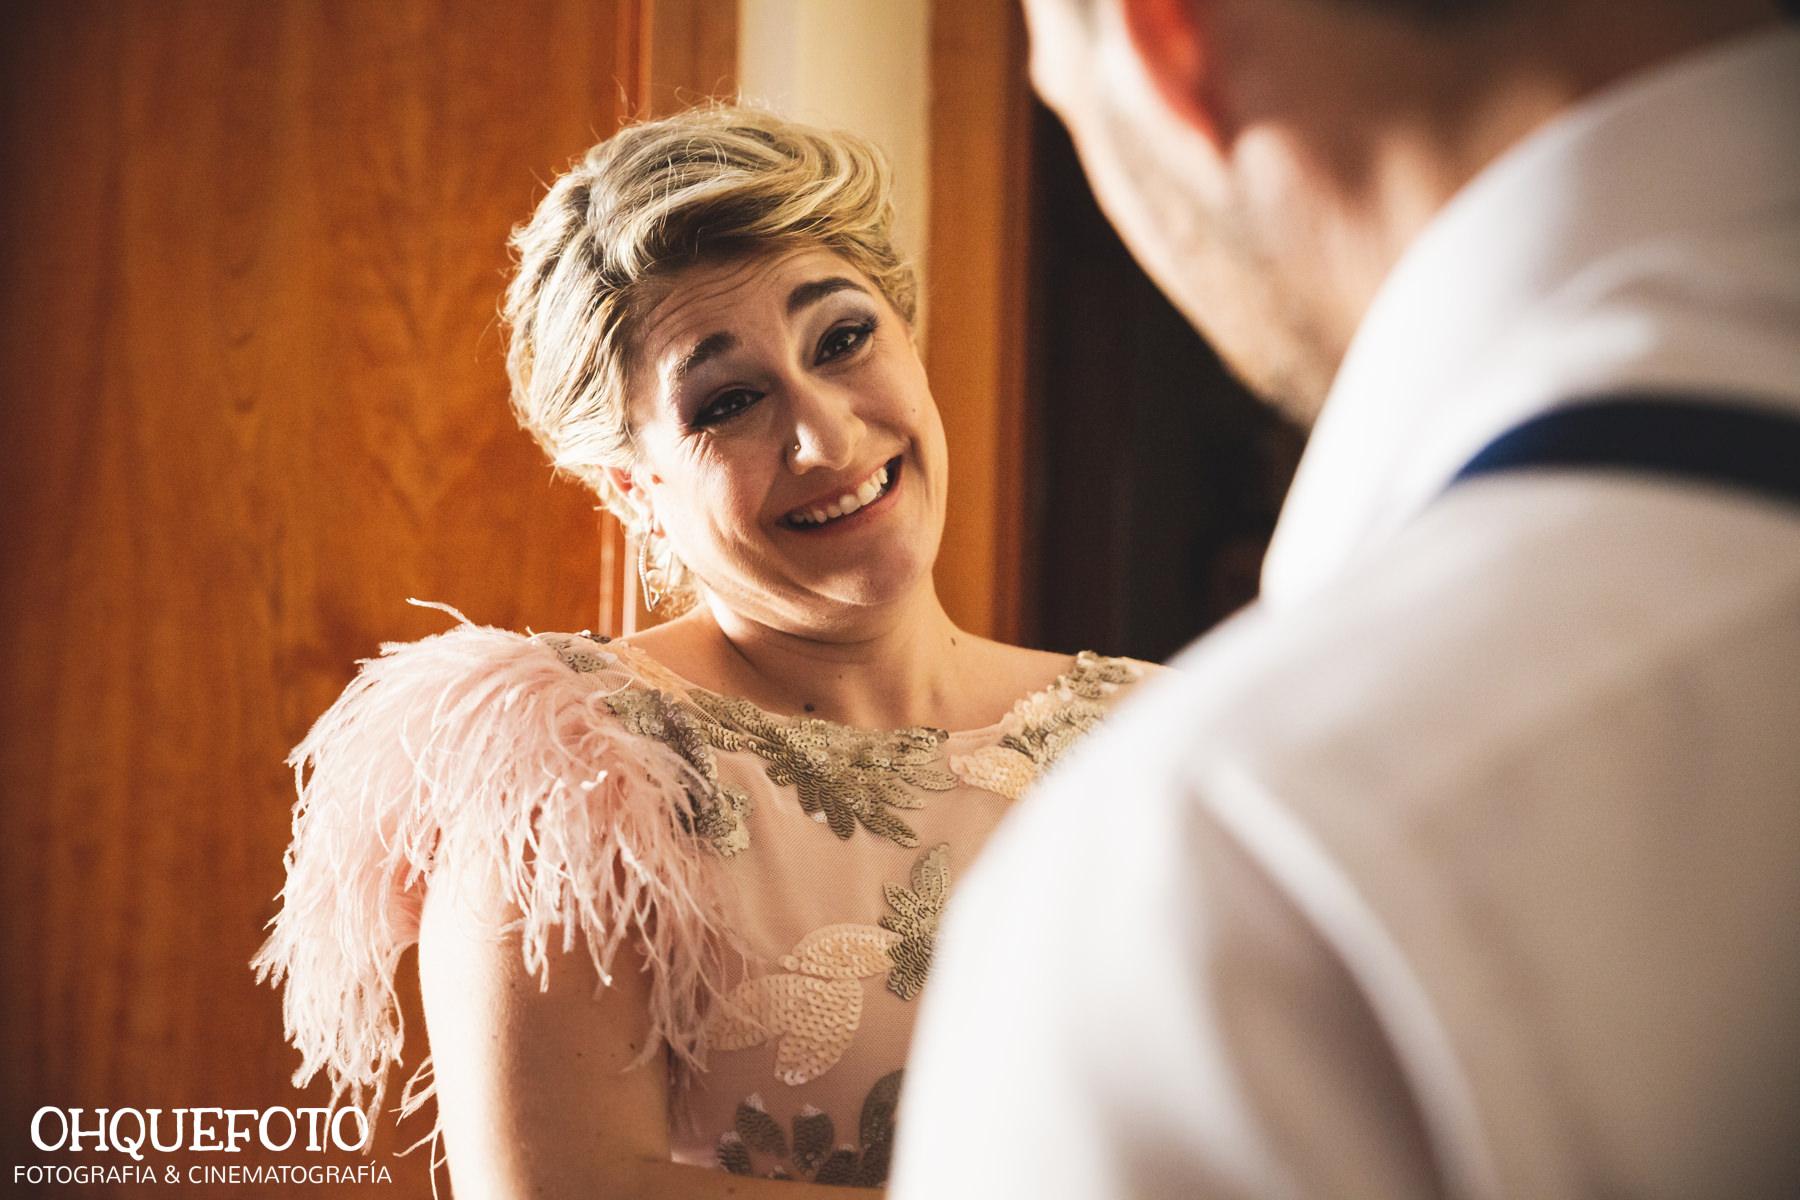 boda en la peraleda boda en cabeza del buey boda en capilla reportaje de bodas en almaden video de bodas en cordoba422 - Jose y Gema - Boda en Zarza Capilla y la Finca La Peraleda (Chillón)